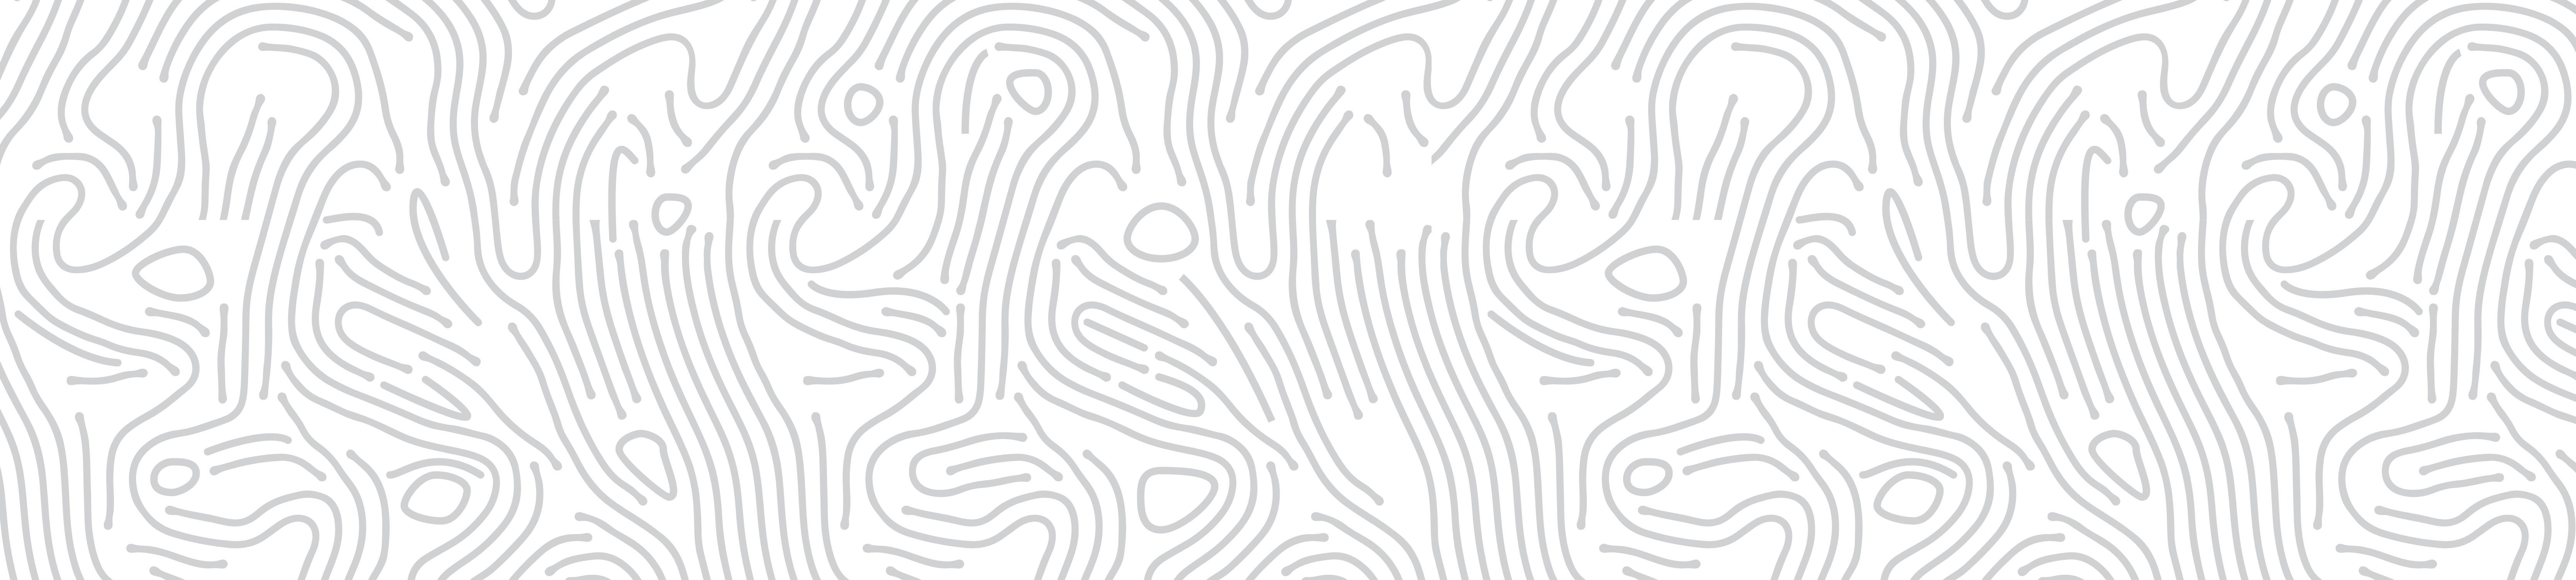 pattern Nu-V3 Rebrand